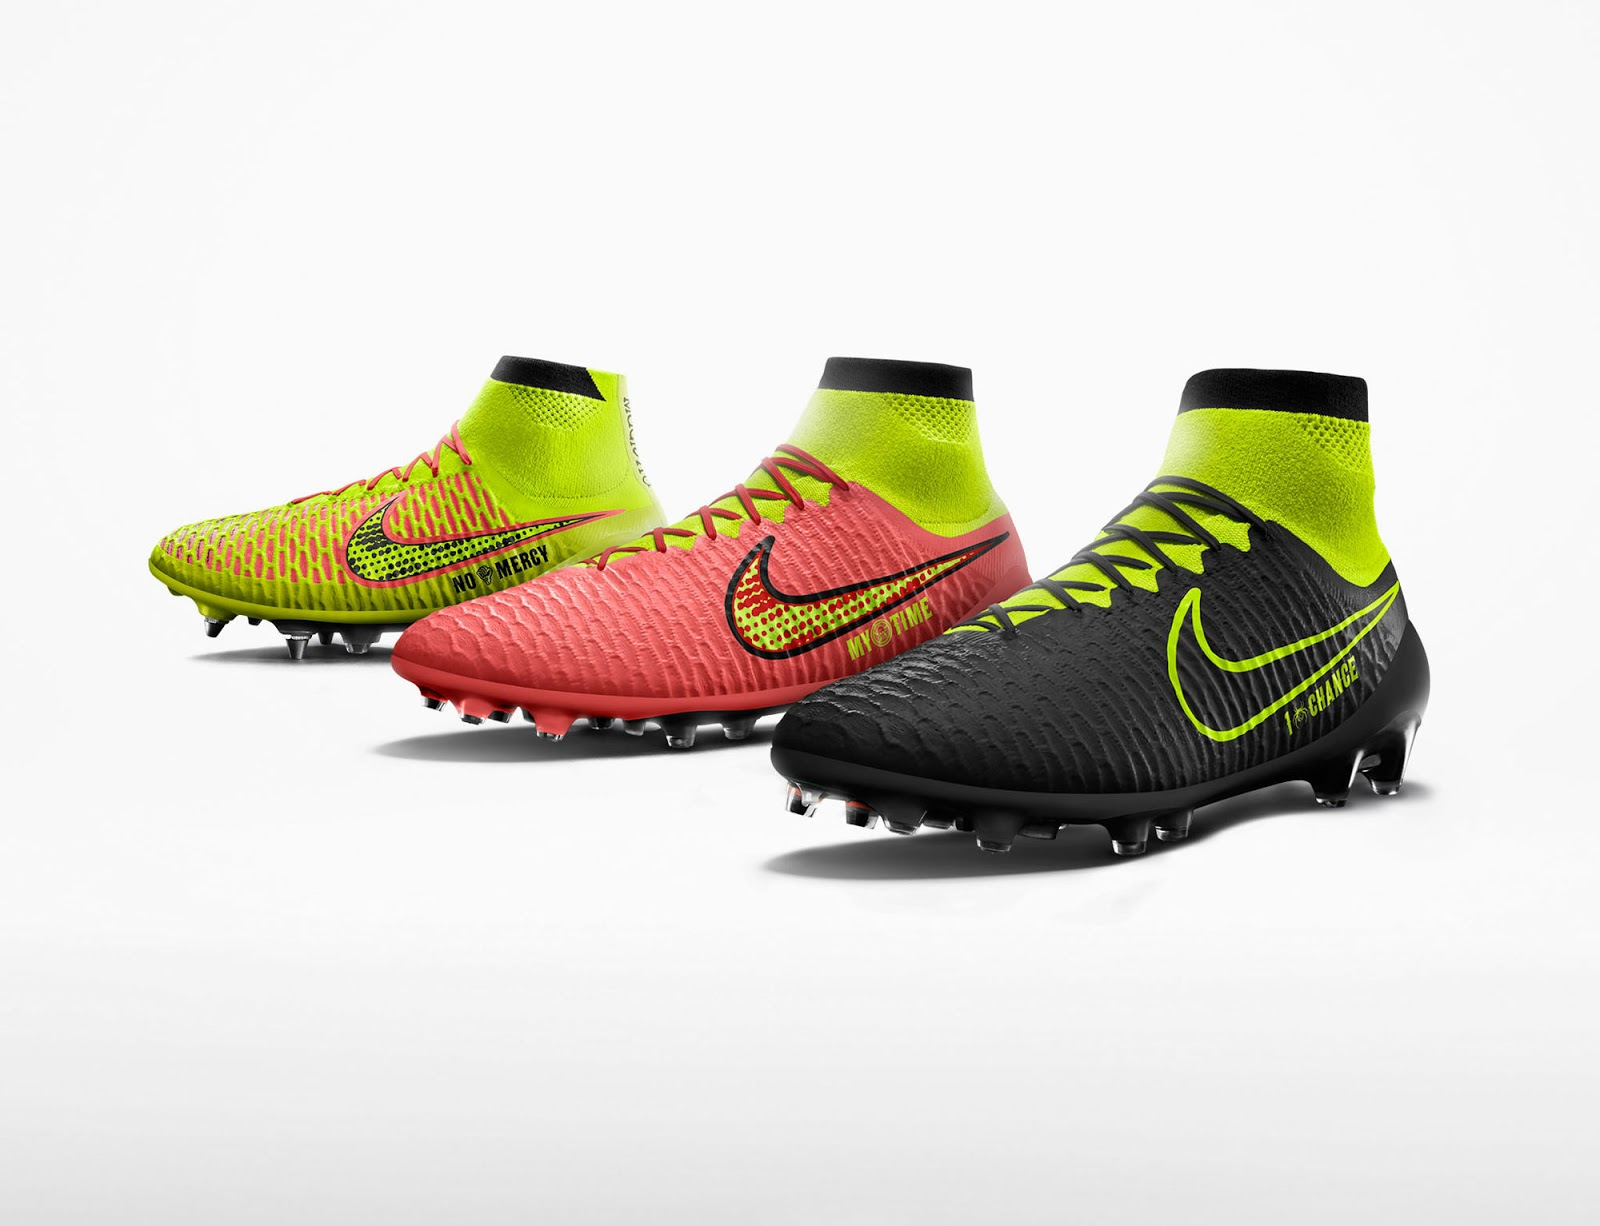 New Nike Magista Nike ID Football Boots - Footy Headlines